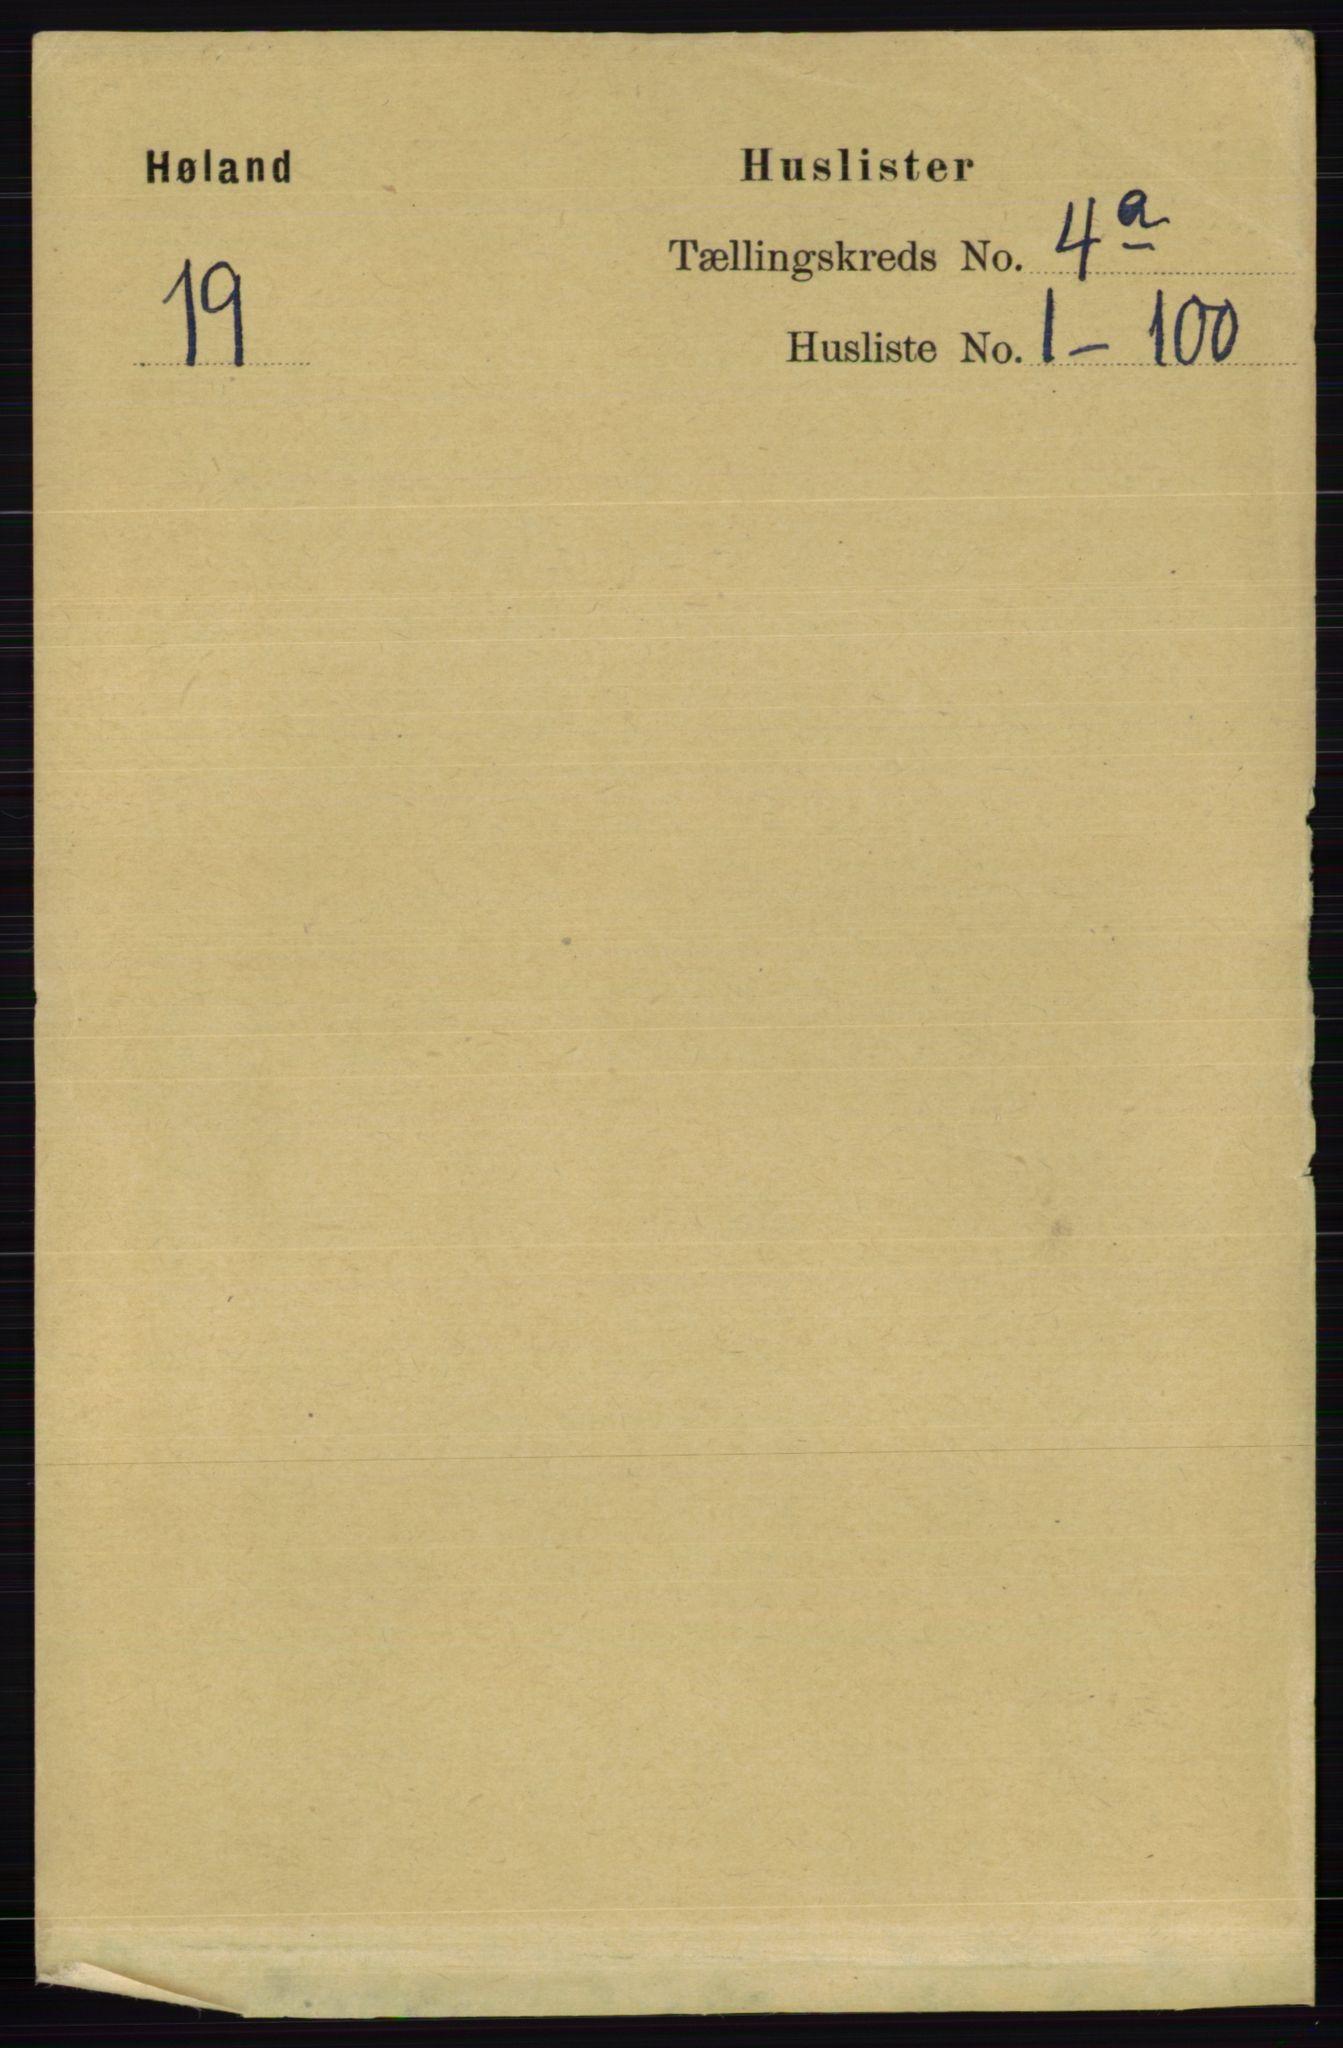 RA, Folketelling 1891 for 0221 Høland herred, 1891, s. 2453